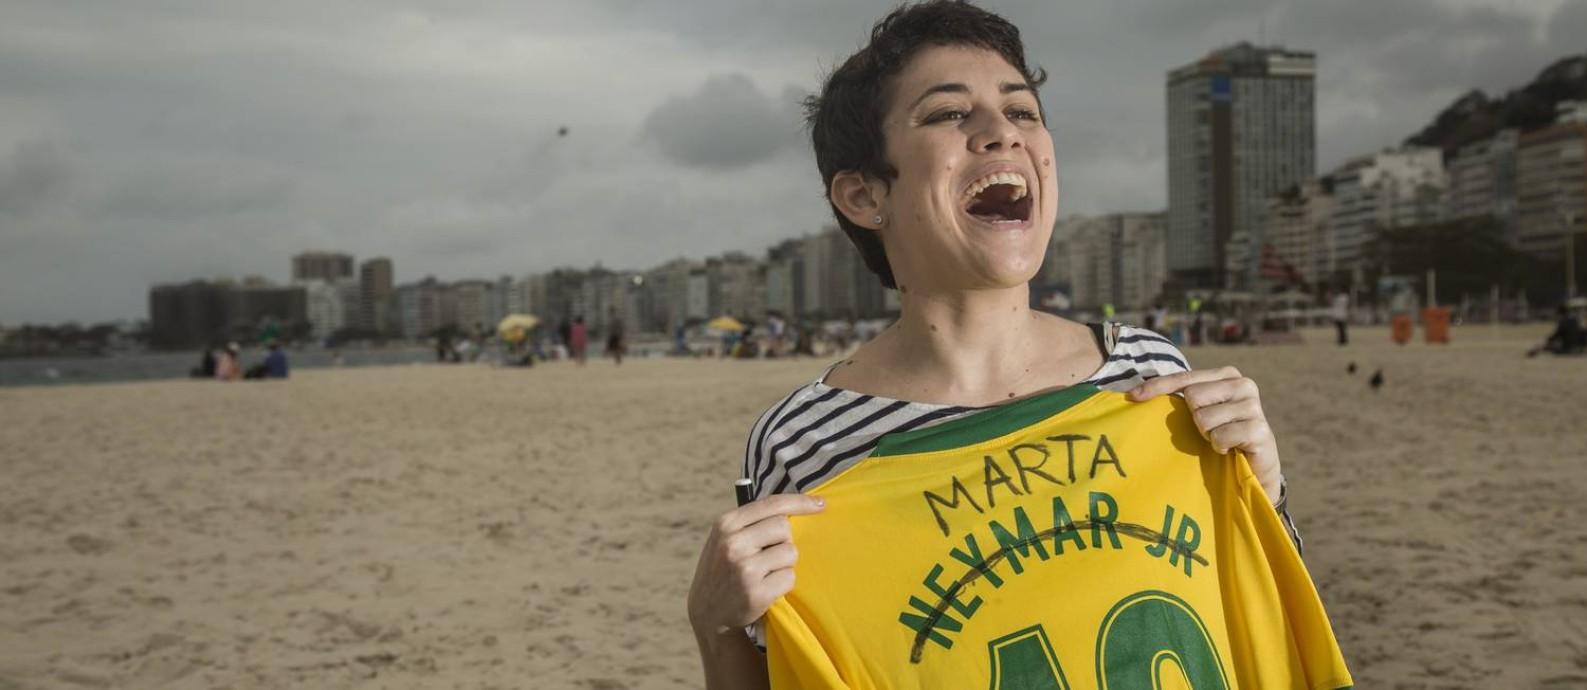 Camisa da Marta improvisada: Nicoli Ferraz, designer e amante de futebol, customiza a camisa 10 de Neymar com o nome da jogadora Marta. Ela não encontrou a camisa de Marta em nenhum lugar Foto: Ana Branco / Agência O Globo